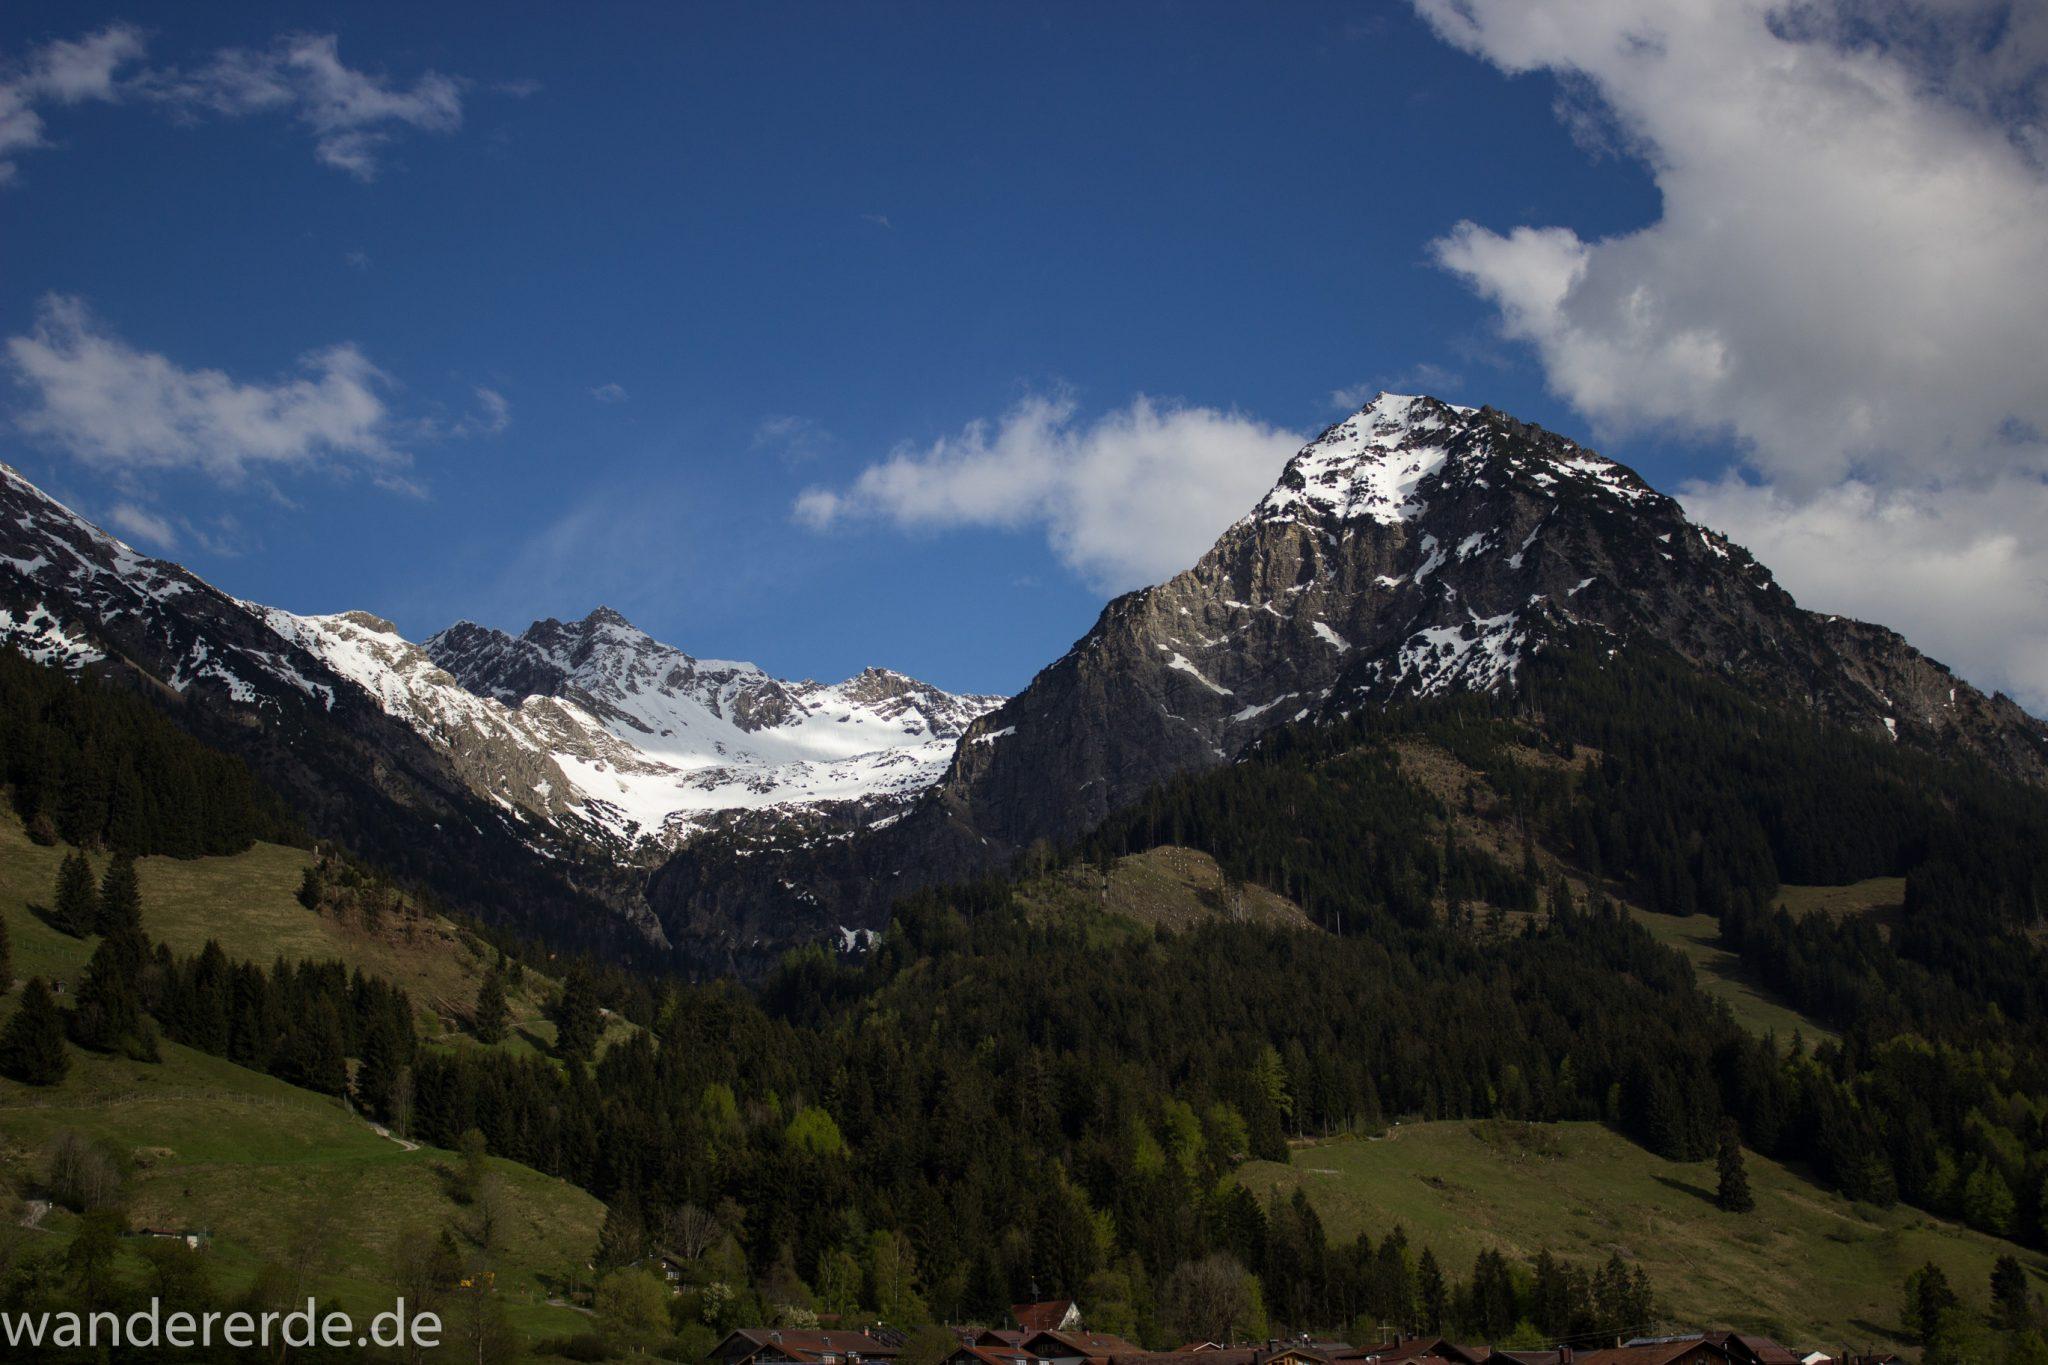 Wanderung Unterer Gaisalpsee, Abschnitt des Wanderwegs von Oberstdorf nach Fischen im Allgäu, Frühling im Allgäu, saftig grüne Wiesen und Wälder, Blick auf Berge mit schneebedeckten Gipfeln